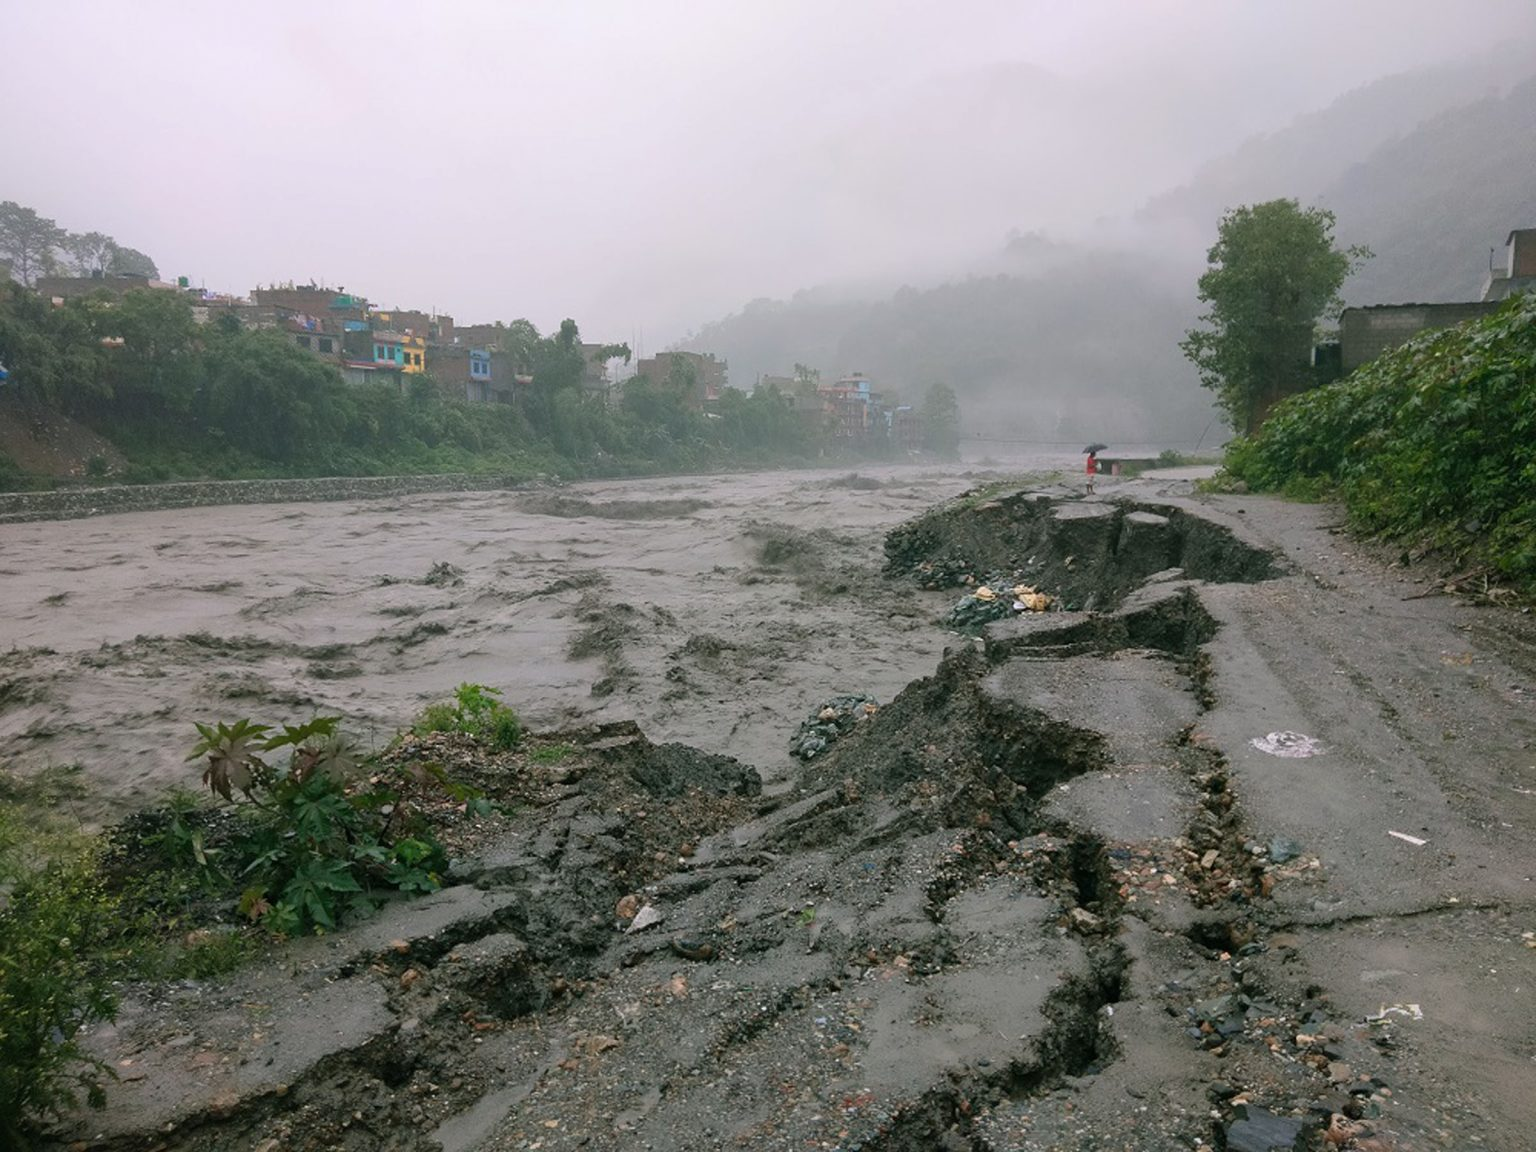 लुम्बिनीमा वर्षाको प्रभाव : नदी आसपासका बस्ती उच्च जोखिममा